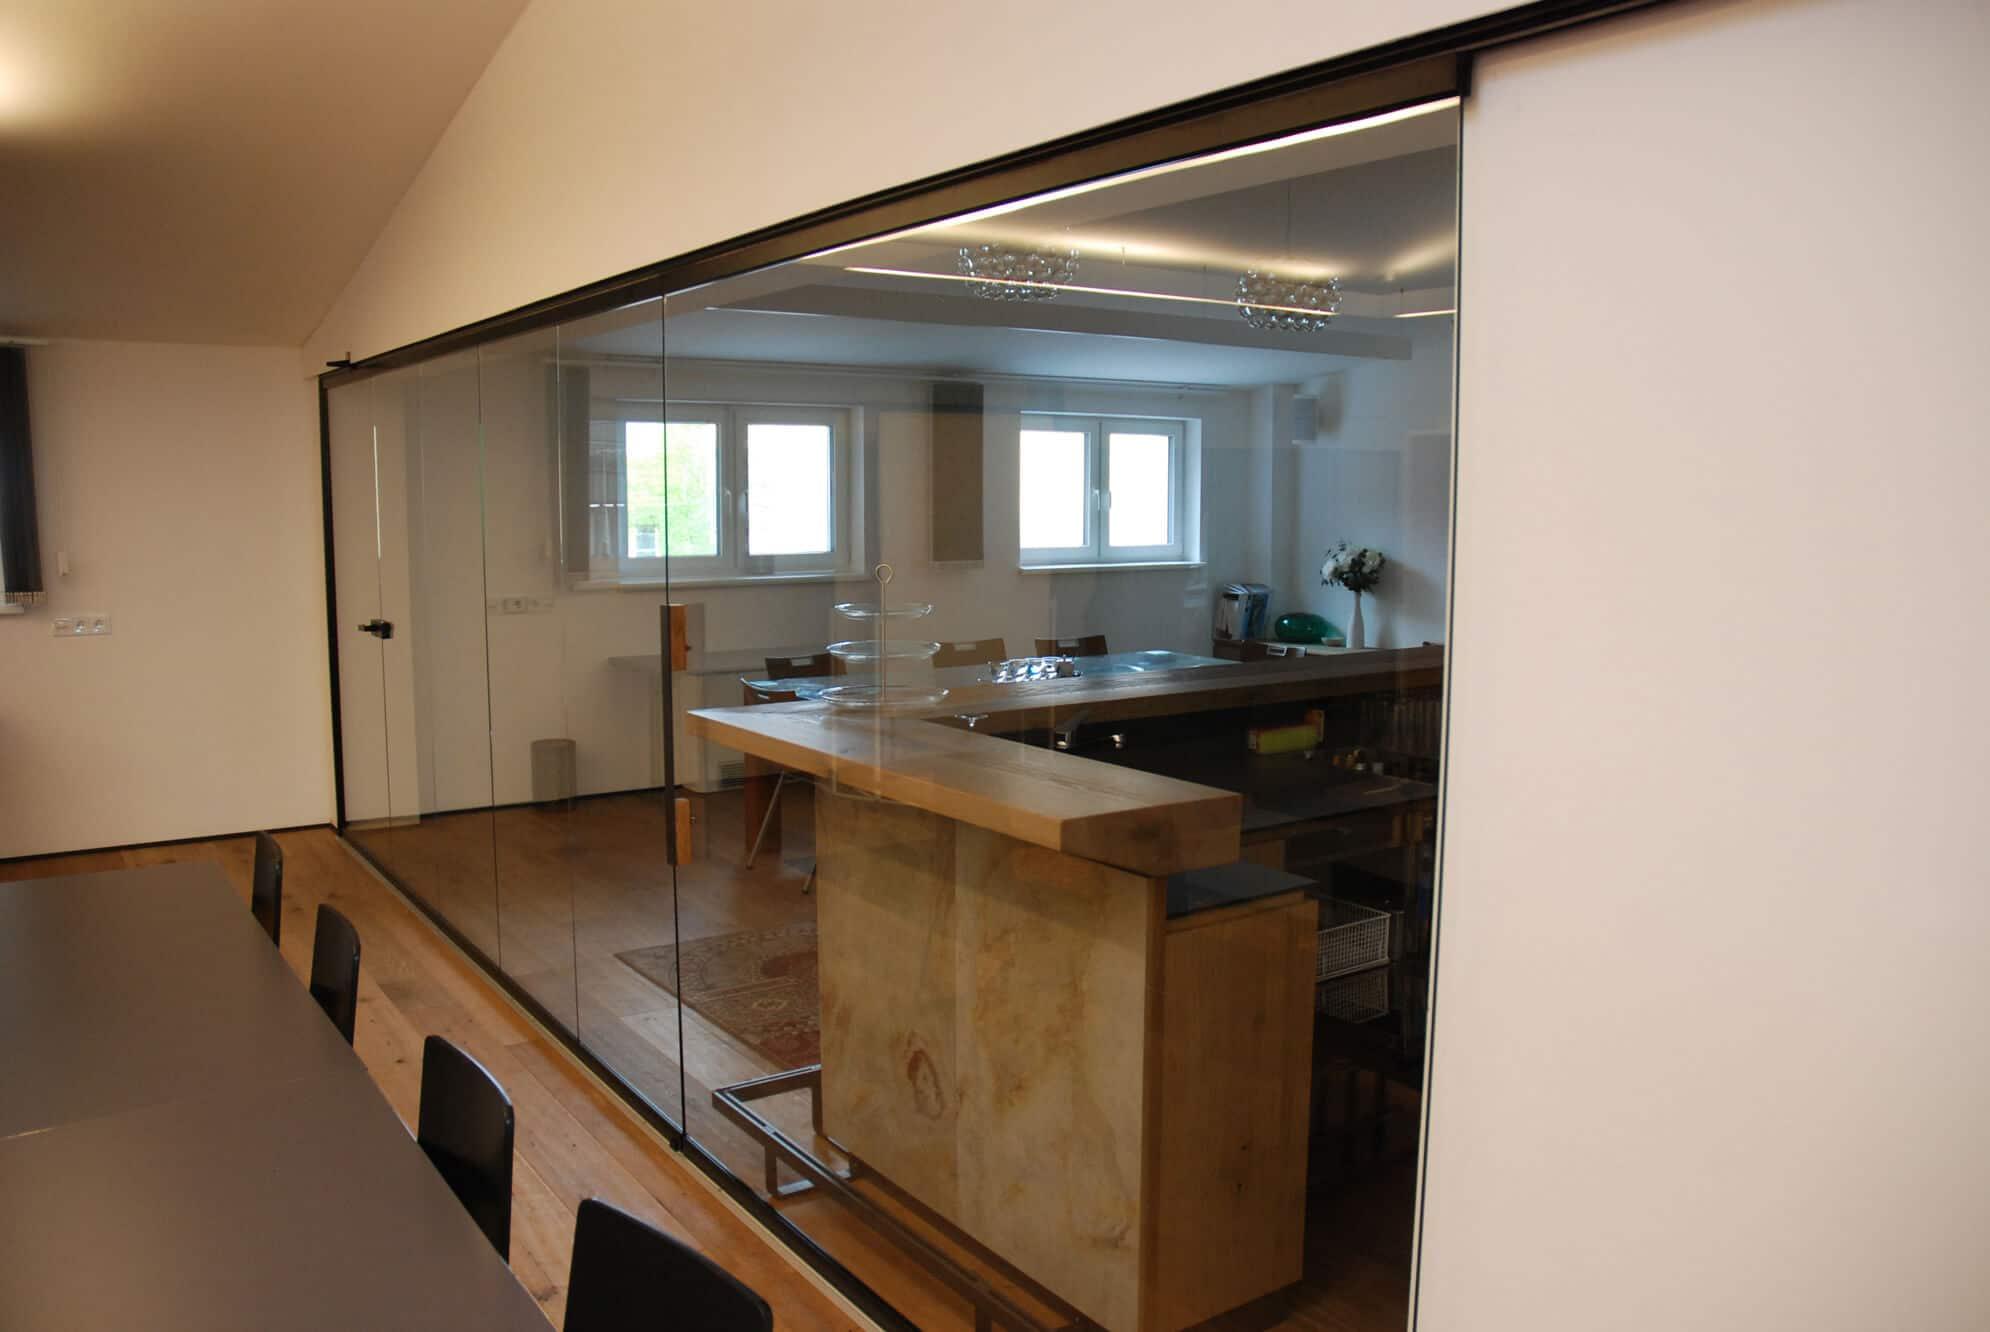 Schiebetüre kombiniert mit Schiebe-Dreh-Verglasung im Innenbereich